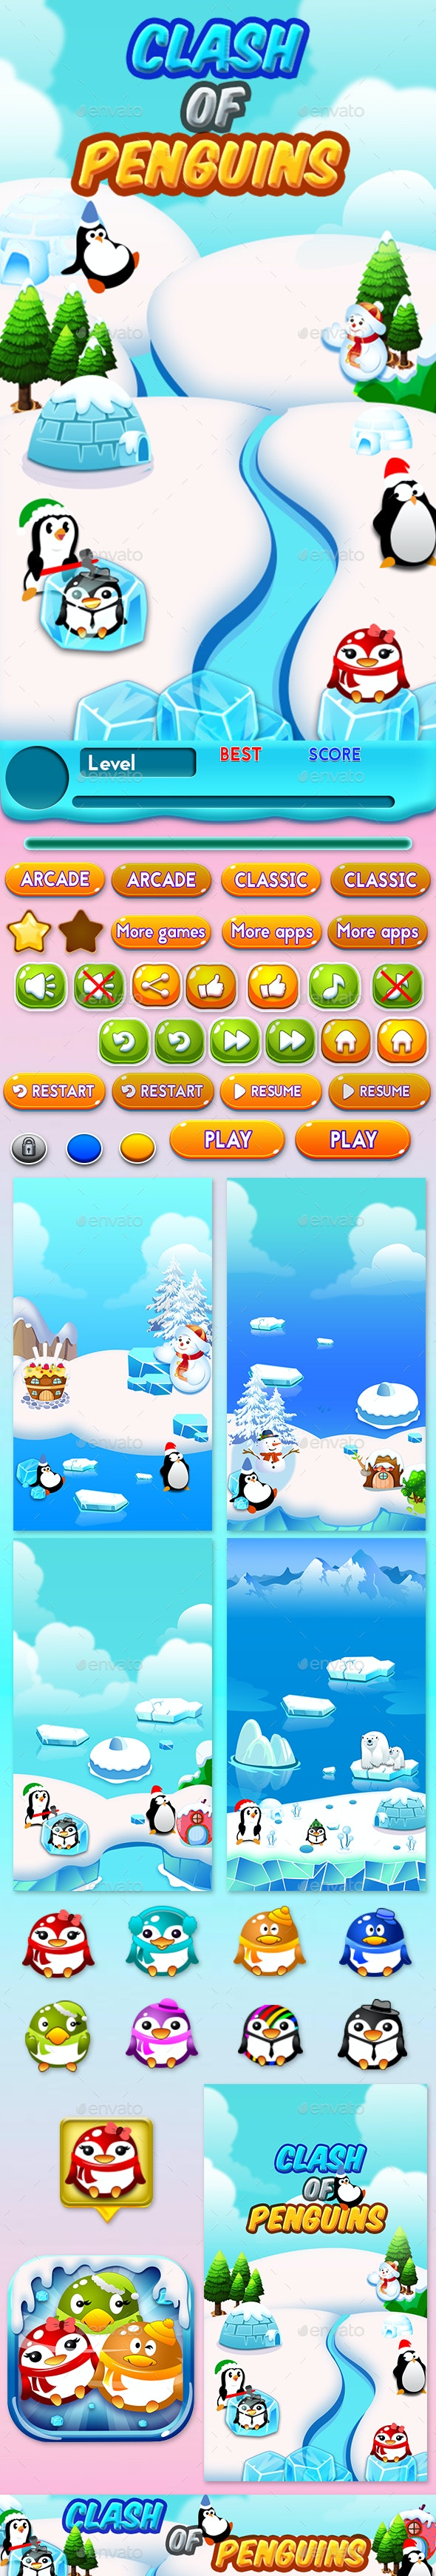 Match 3 Unity Asset Reskin: Penguins - Game Kits Game Assets